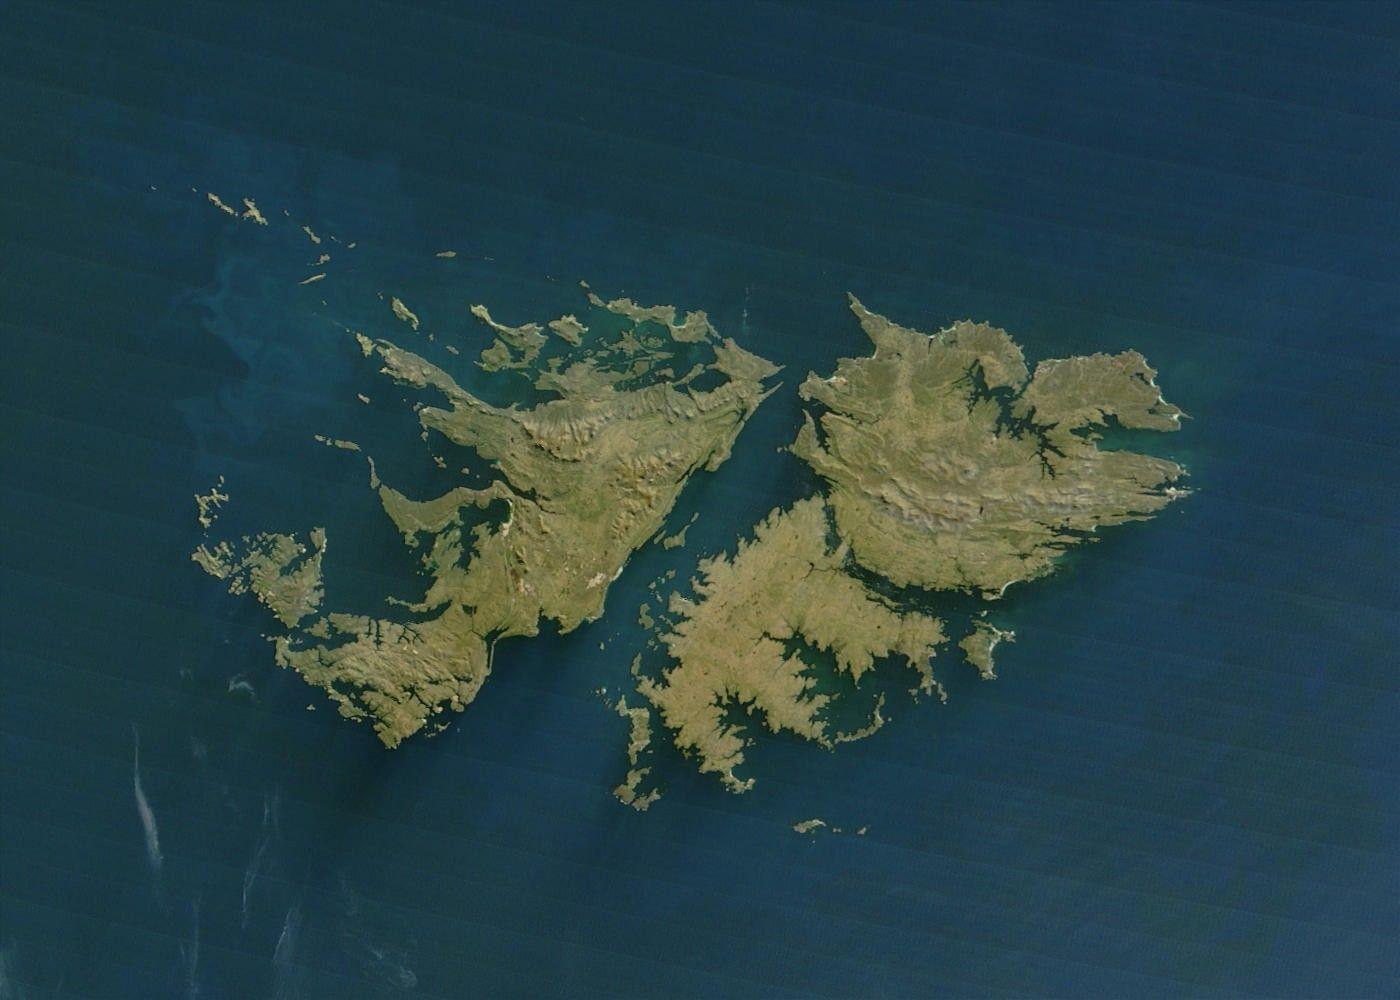 фолклендские острова / wikipedia.org